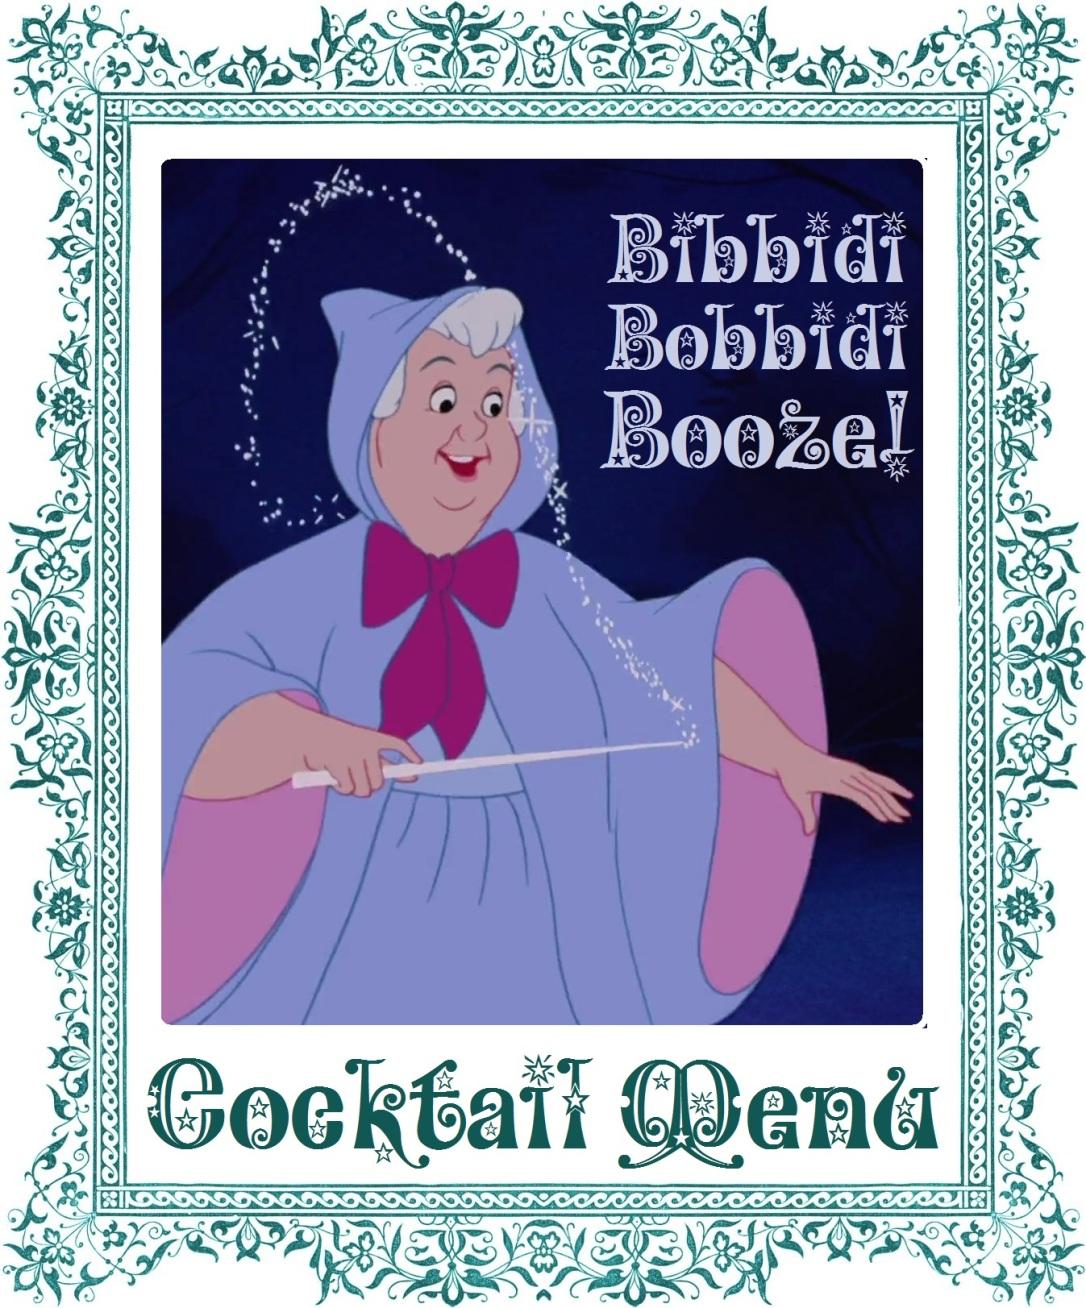 BibbidiBobbidiBooze_CocktailMenu